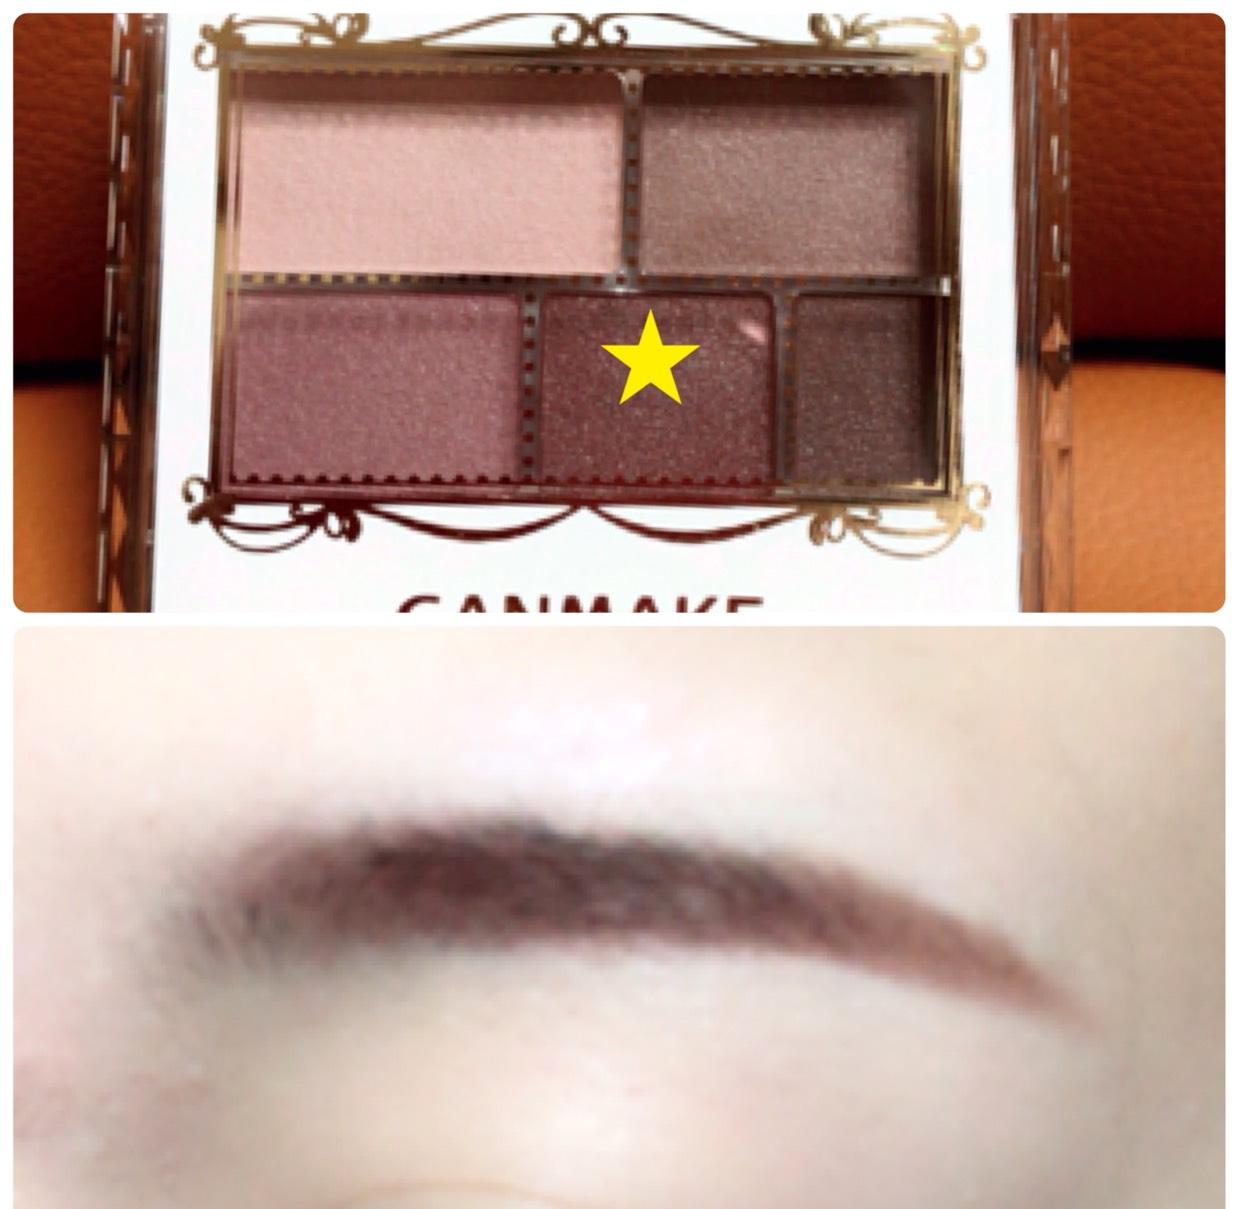 キャンメイクのパーフェクトマルチアイズ04番の★のカラーで眉毛を書きます。